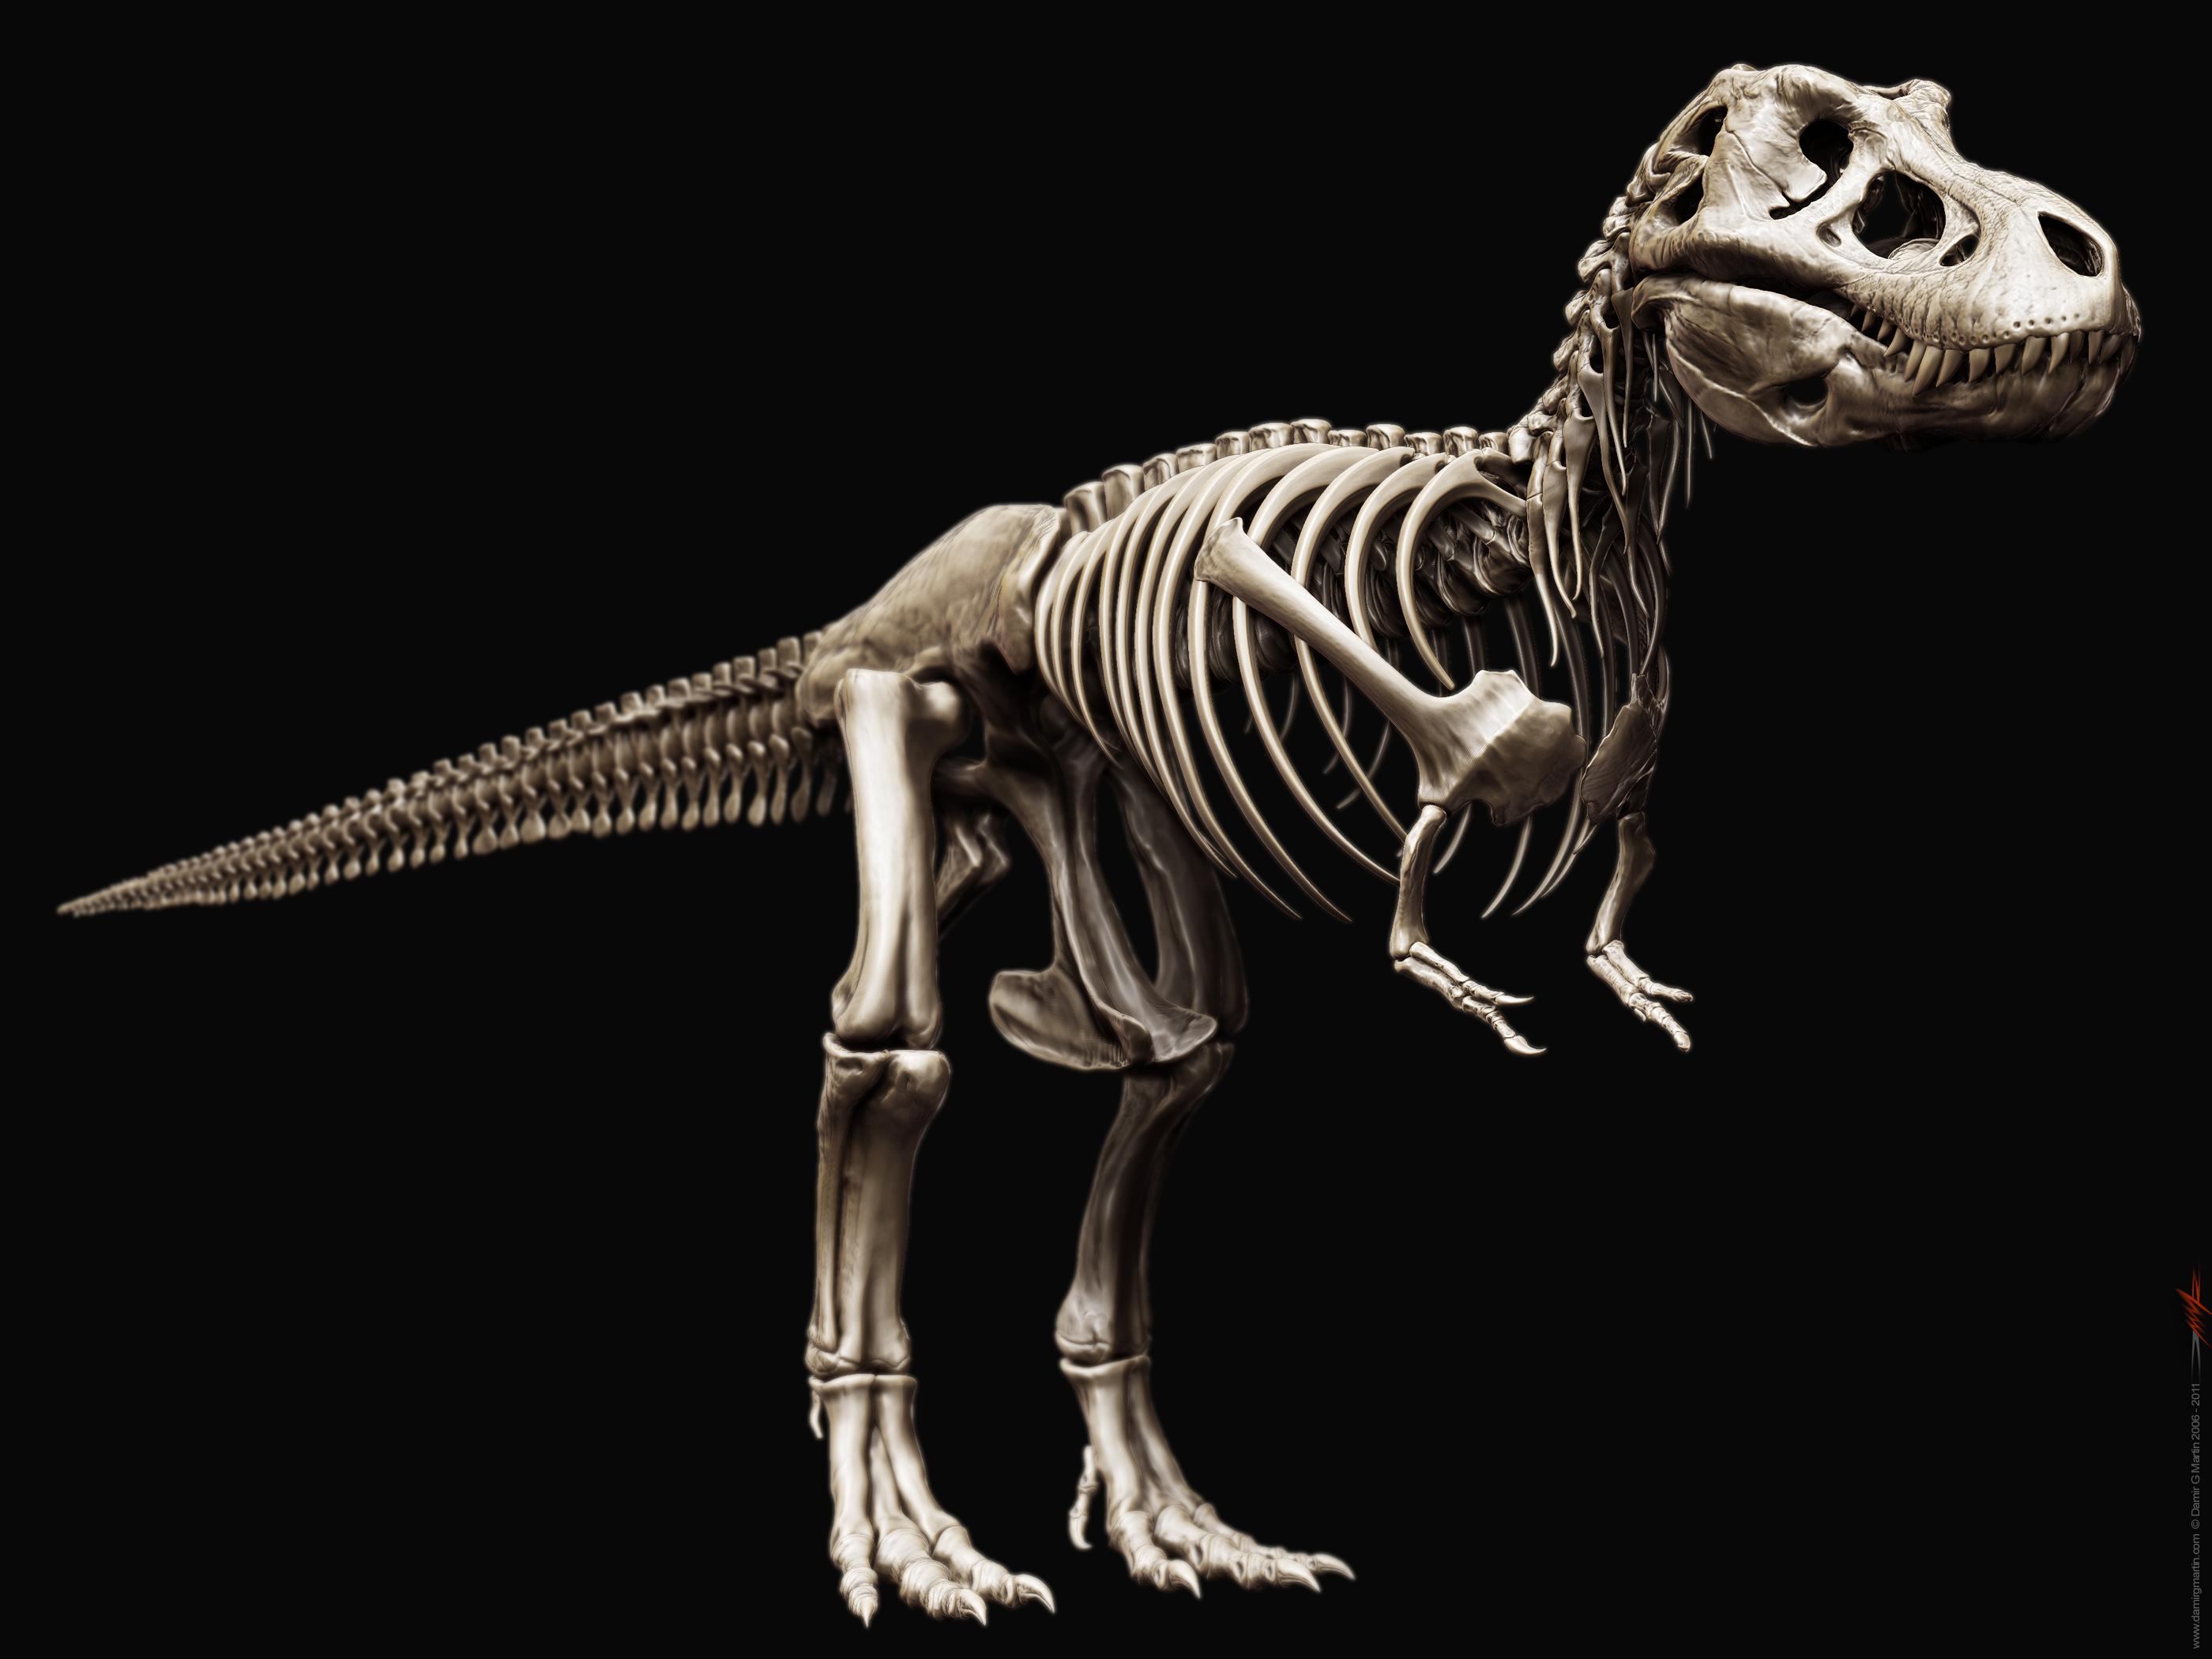 Extinct animals on Animals-and-Anatomy - DeviantArt